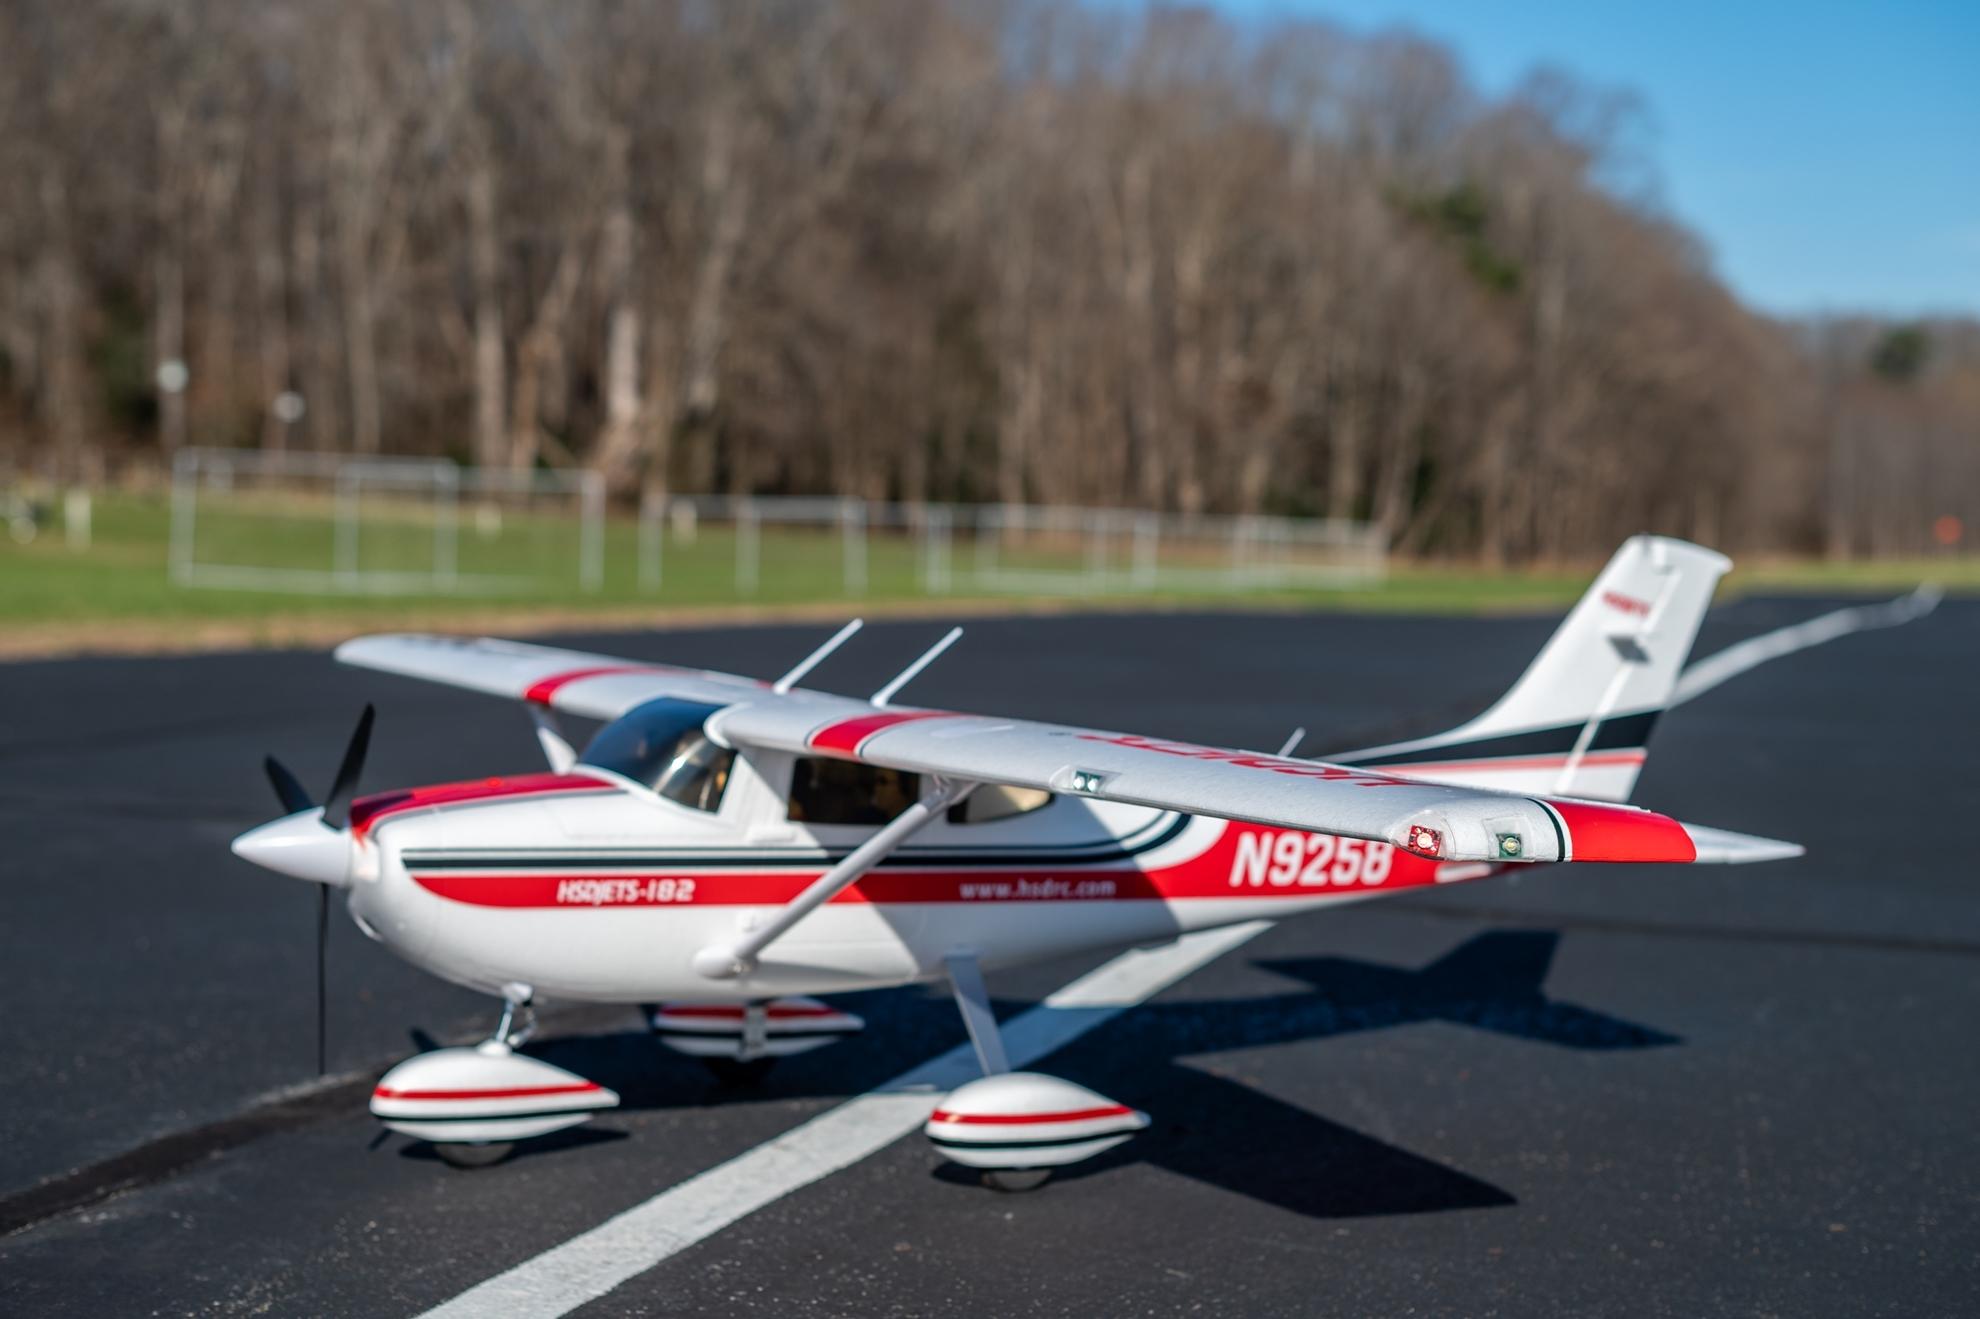 Cessna 182 HSDjets